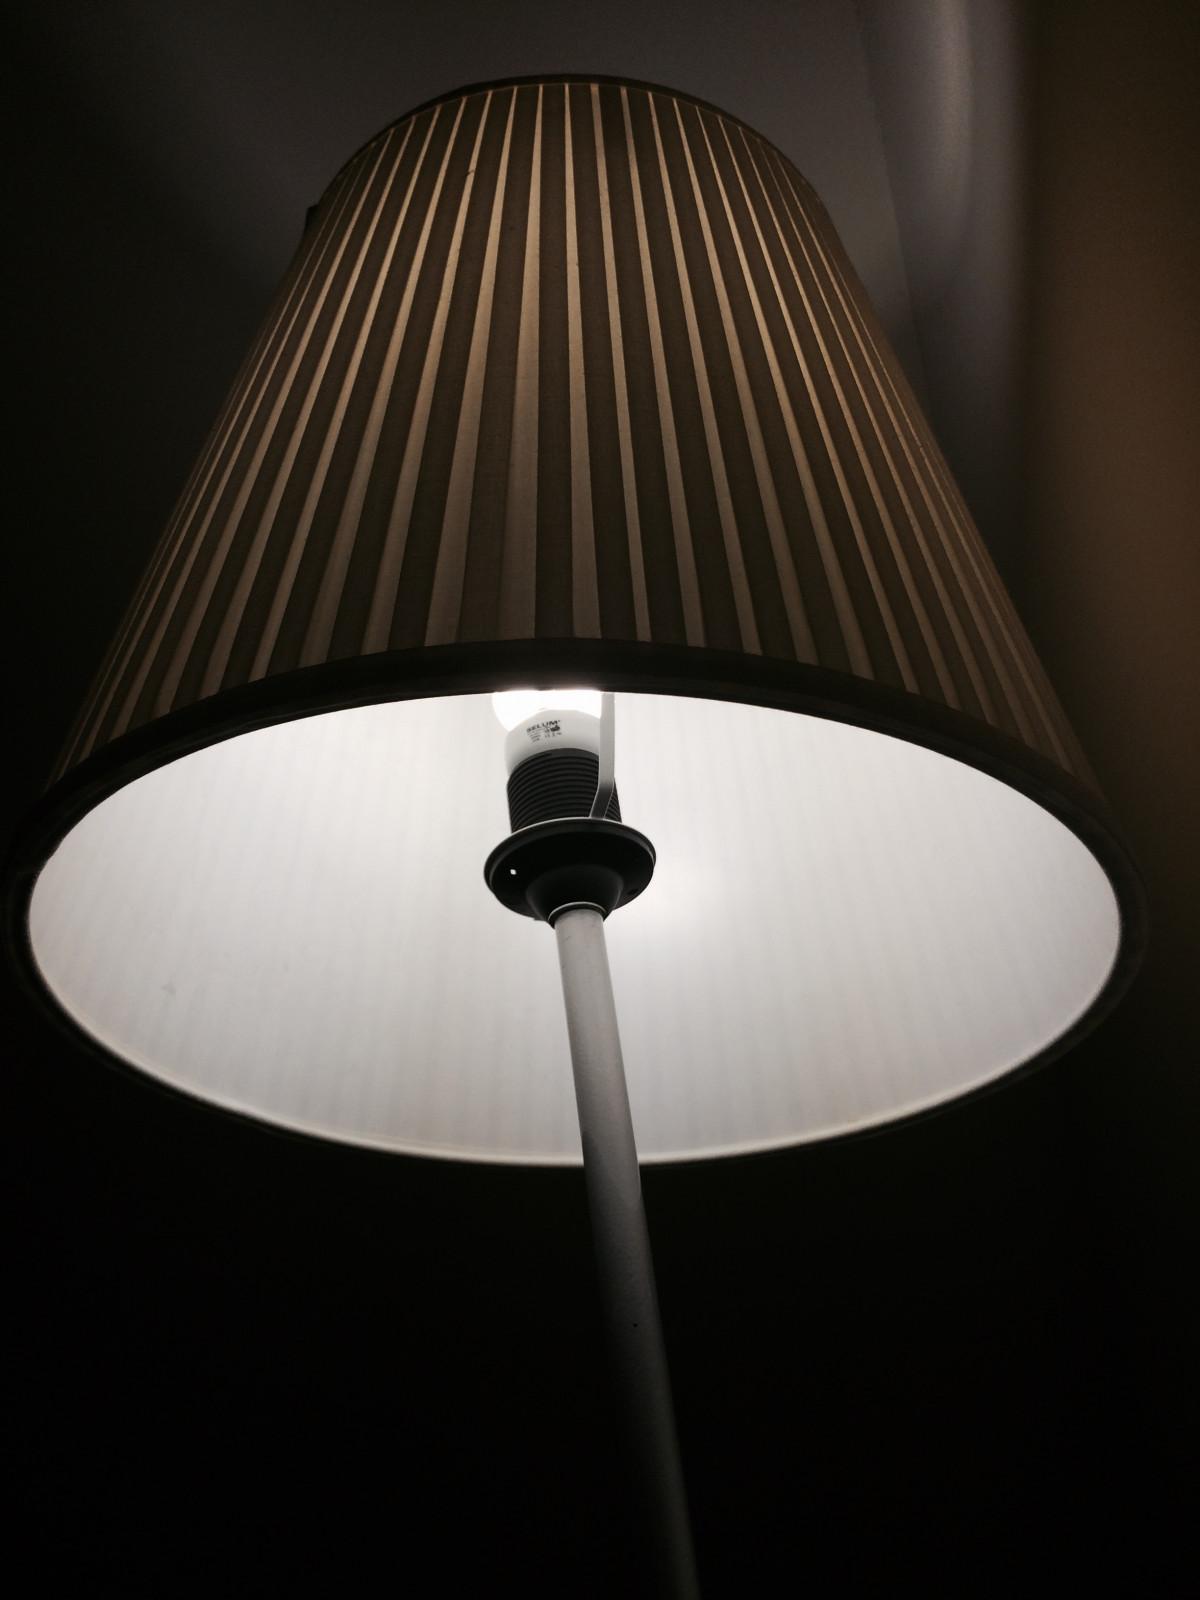 Gratuites lumi¨re blanc nuit plafond obscurité lampe